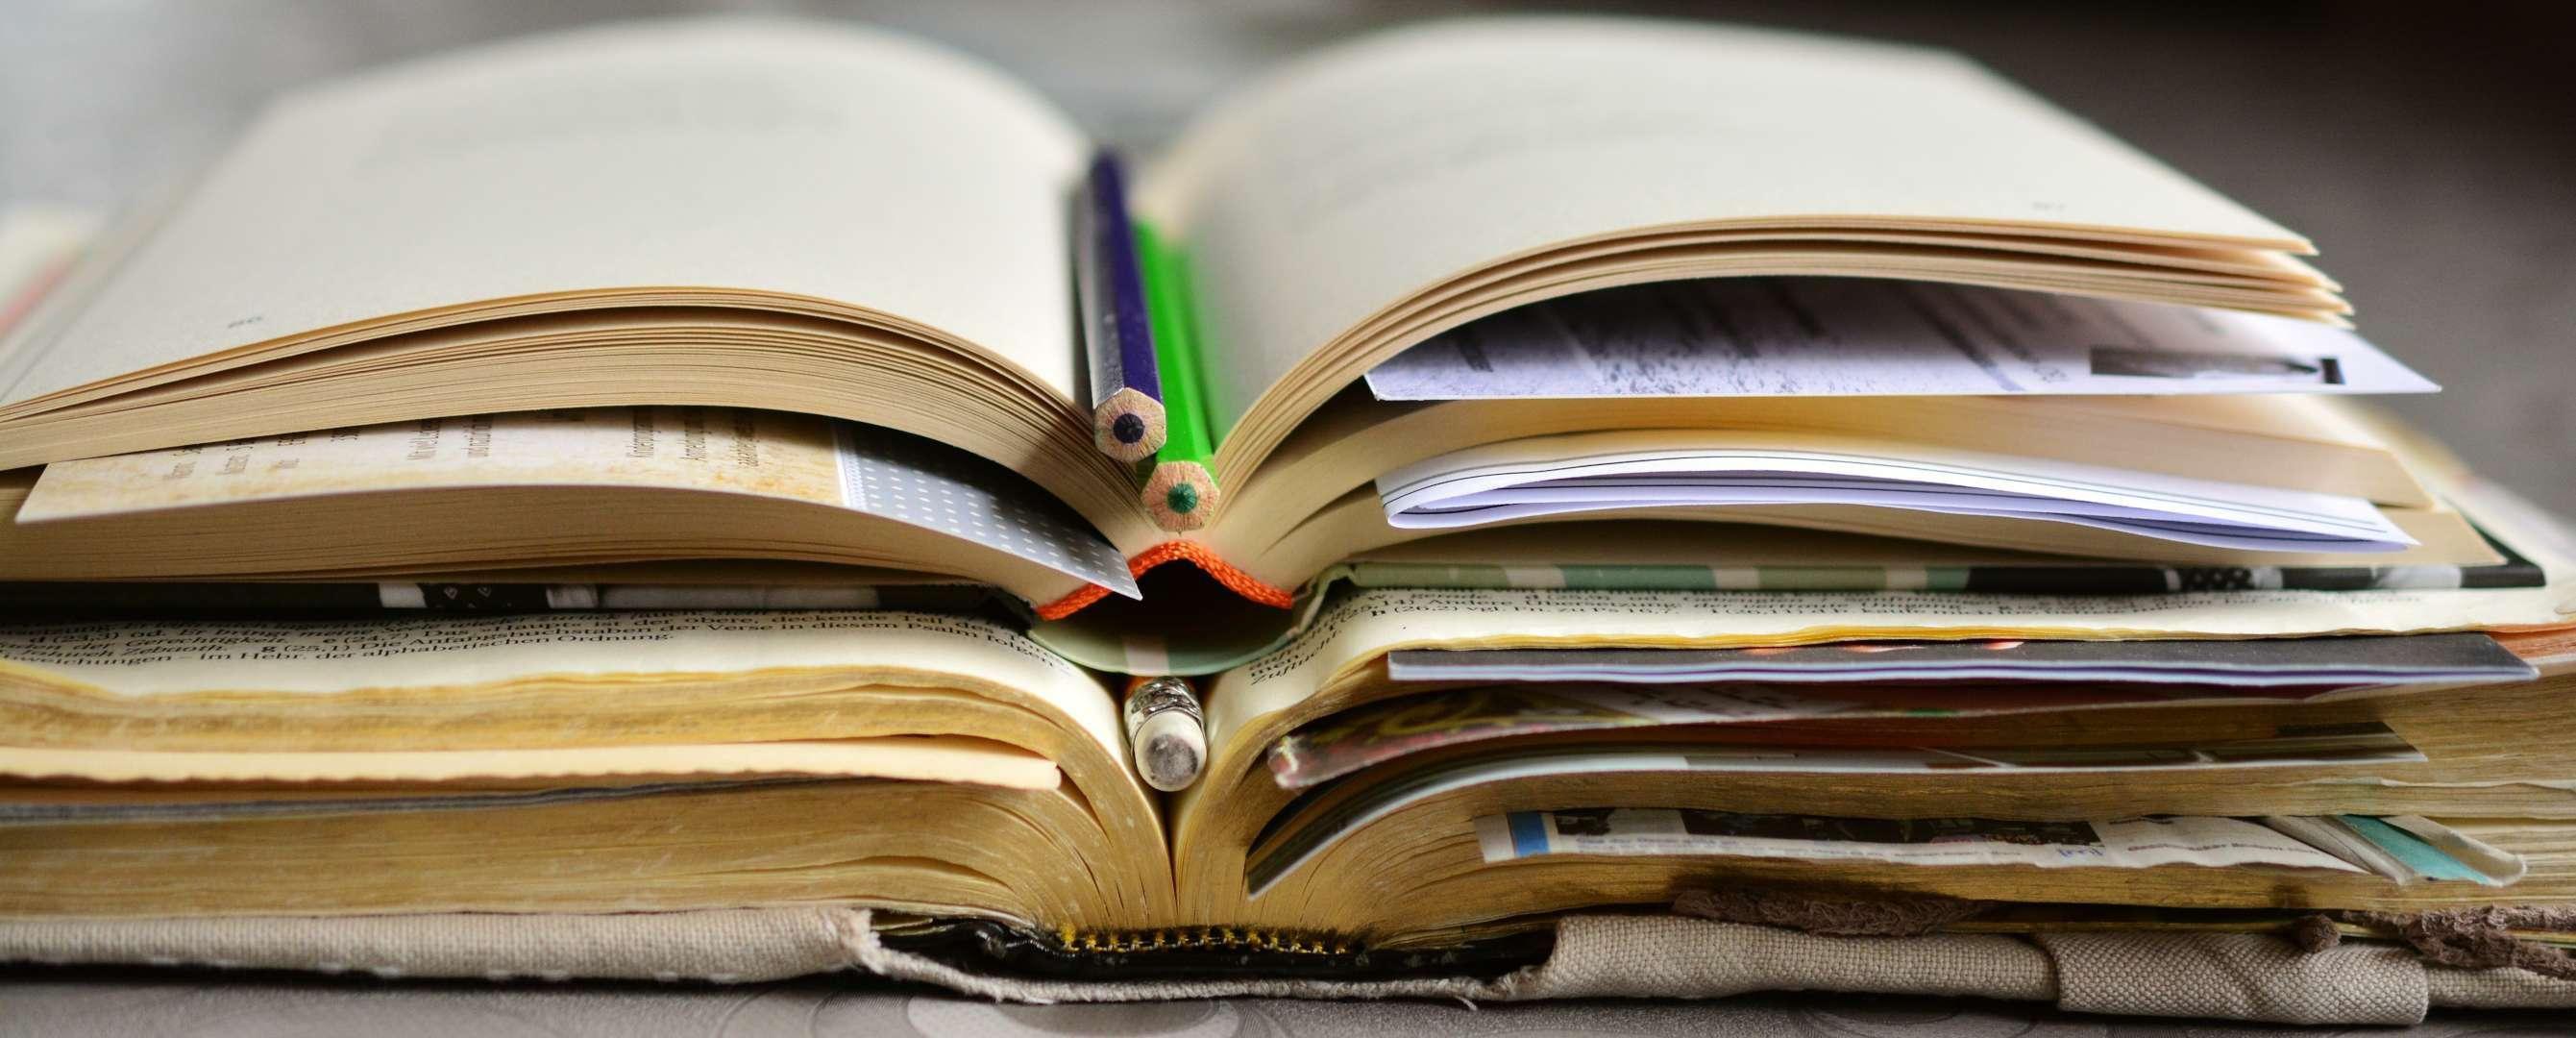 Libros abiertos unos encima de otros con lápices.